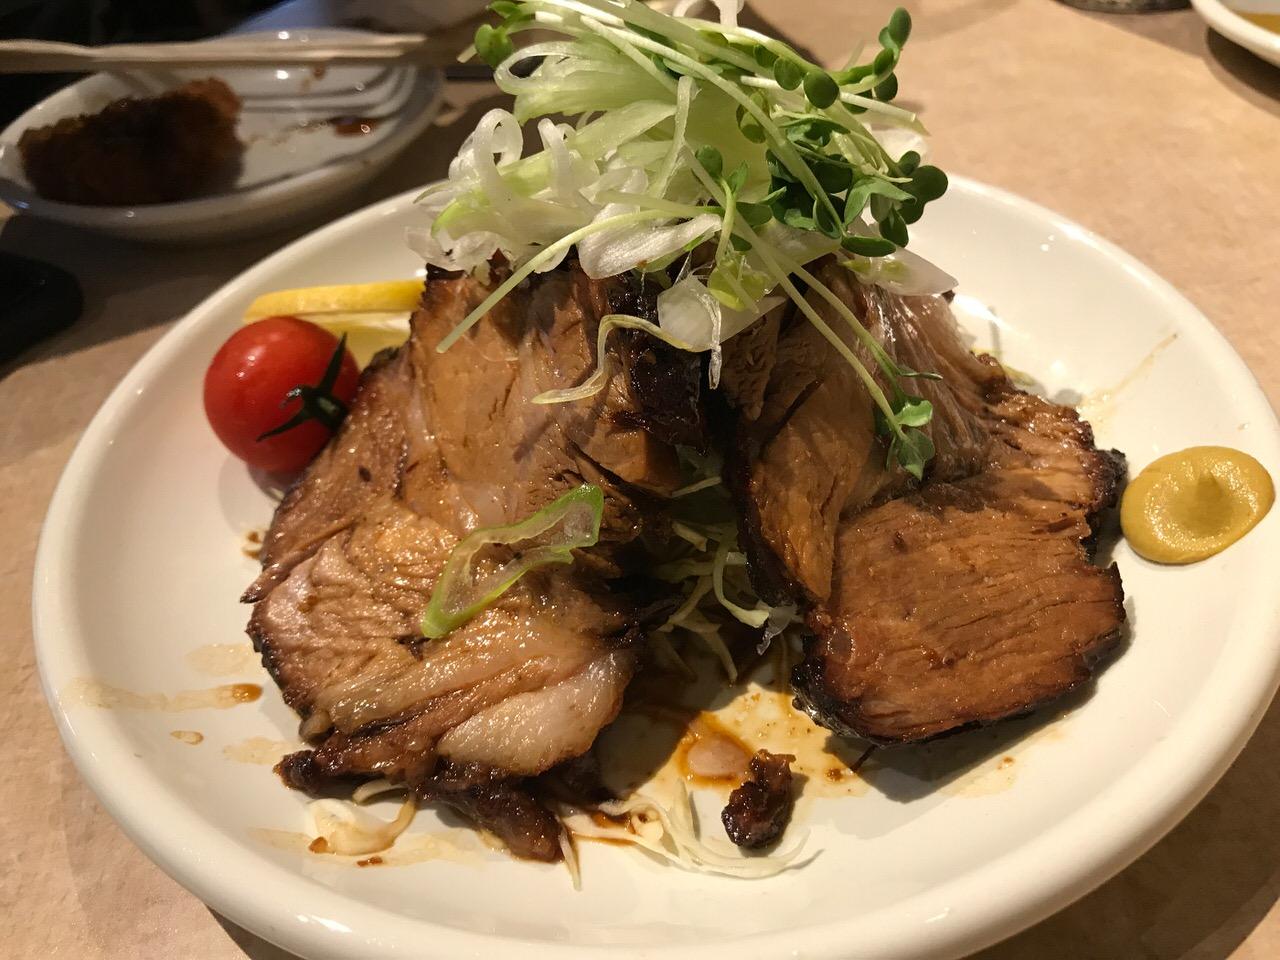 Ooyama 0109171452